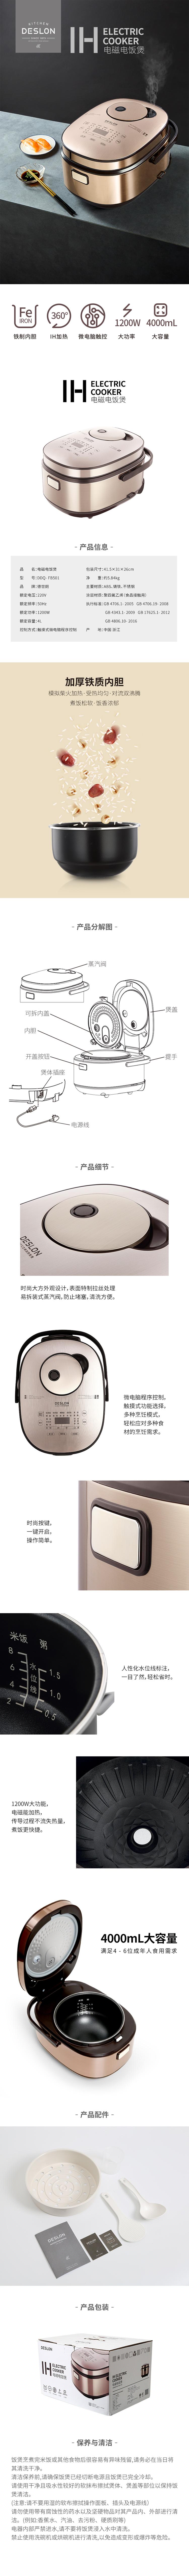 电磁电饭煲750px.jpg